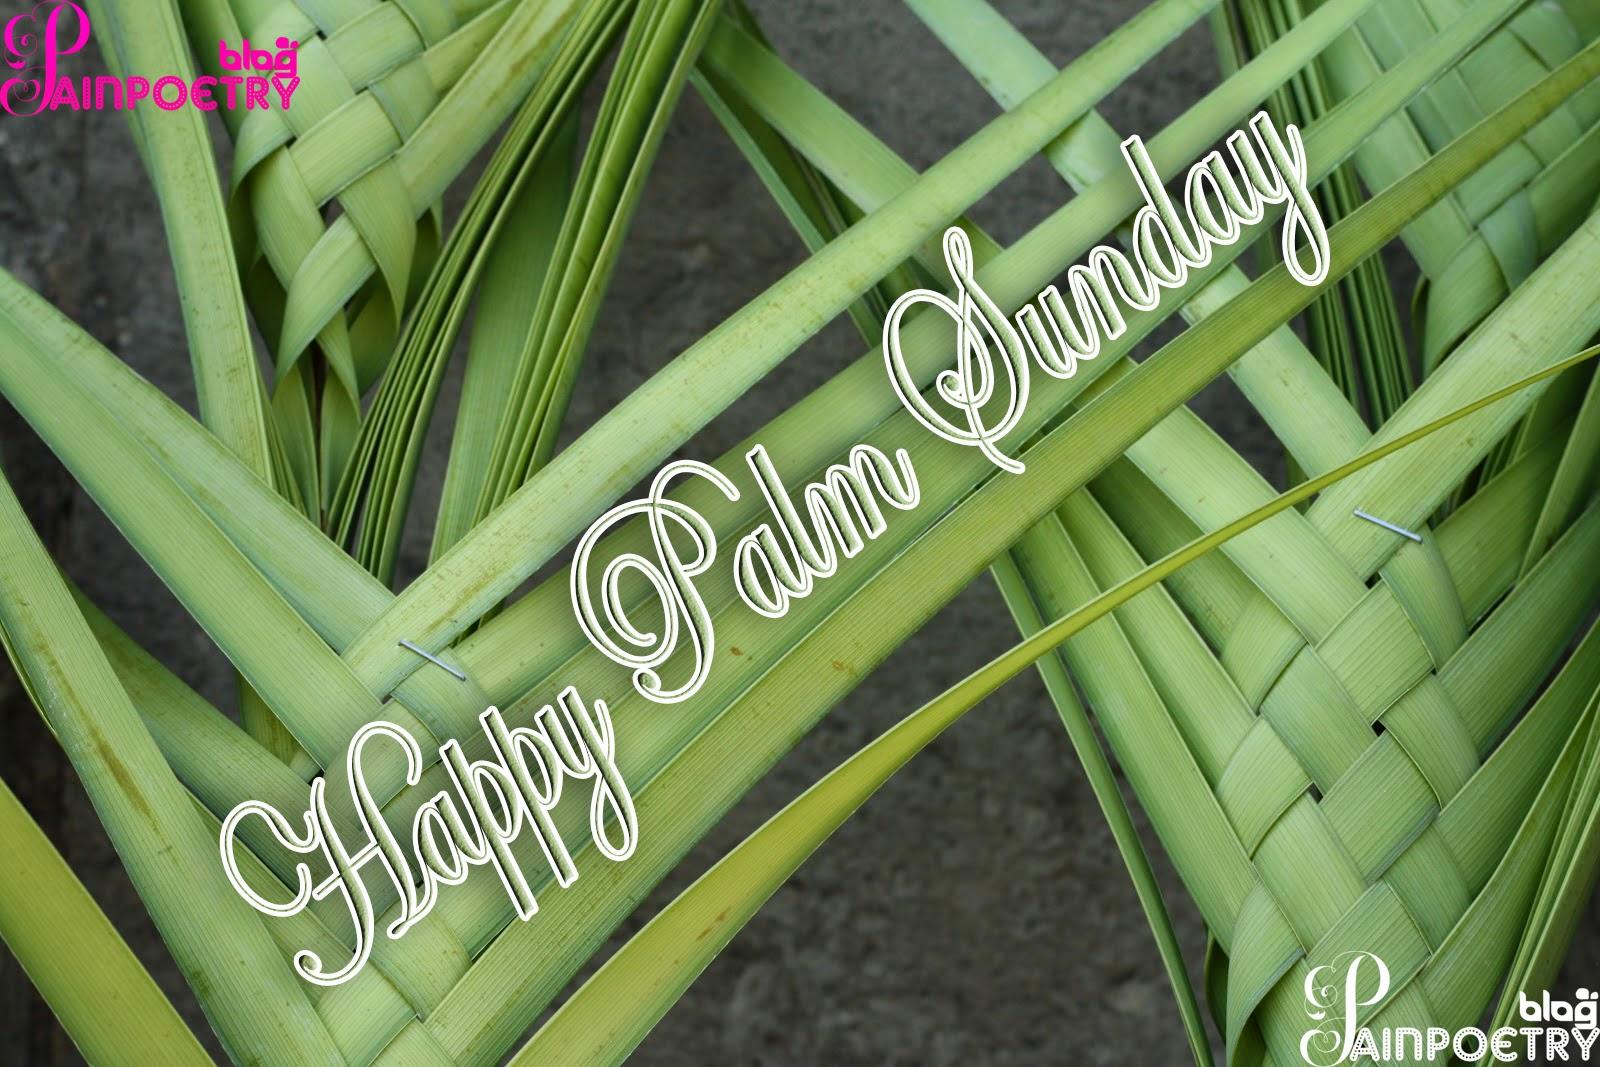 Palm-Sunday-Photo-Wallpaer-HD-Wide